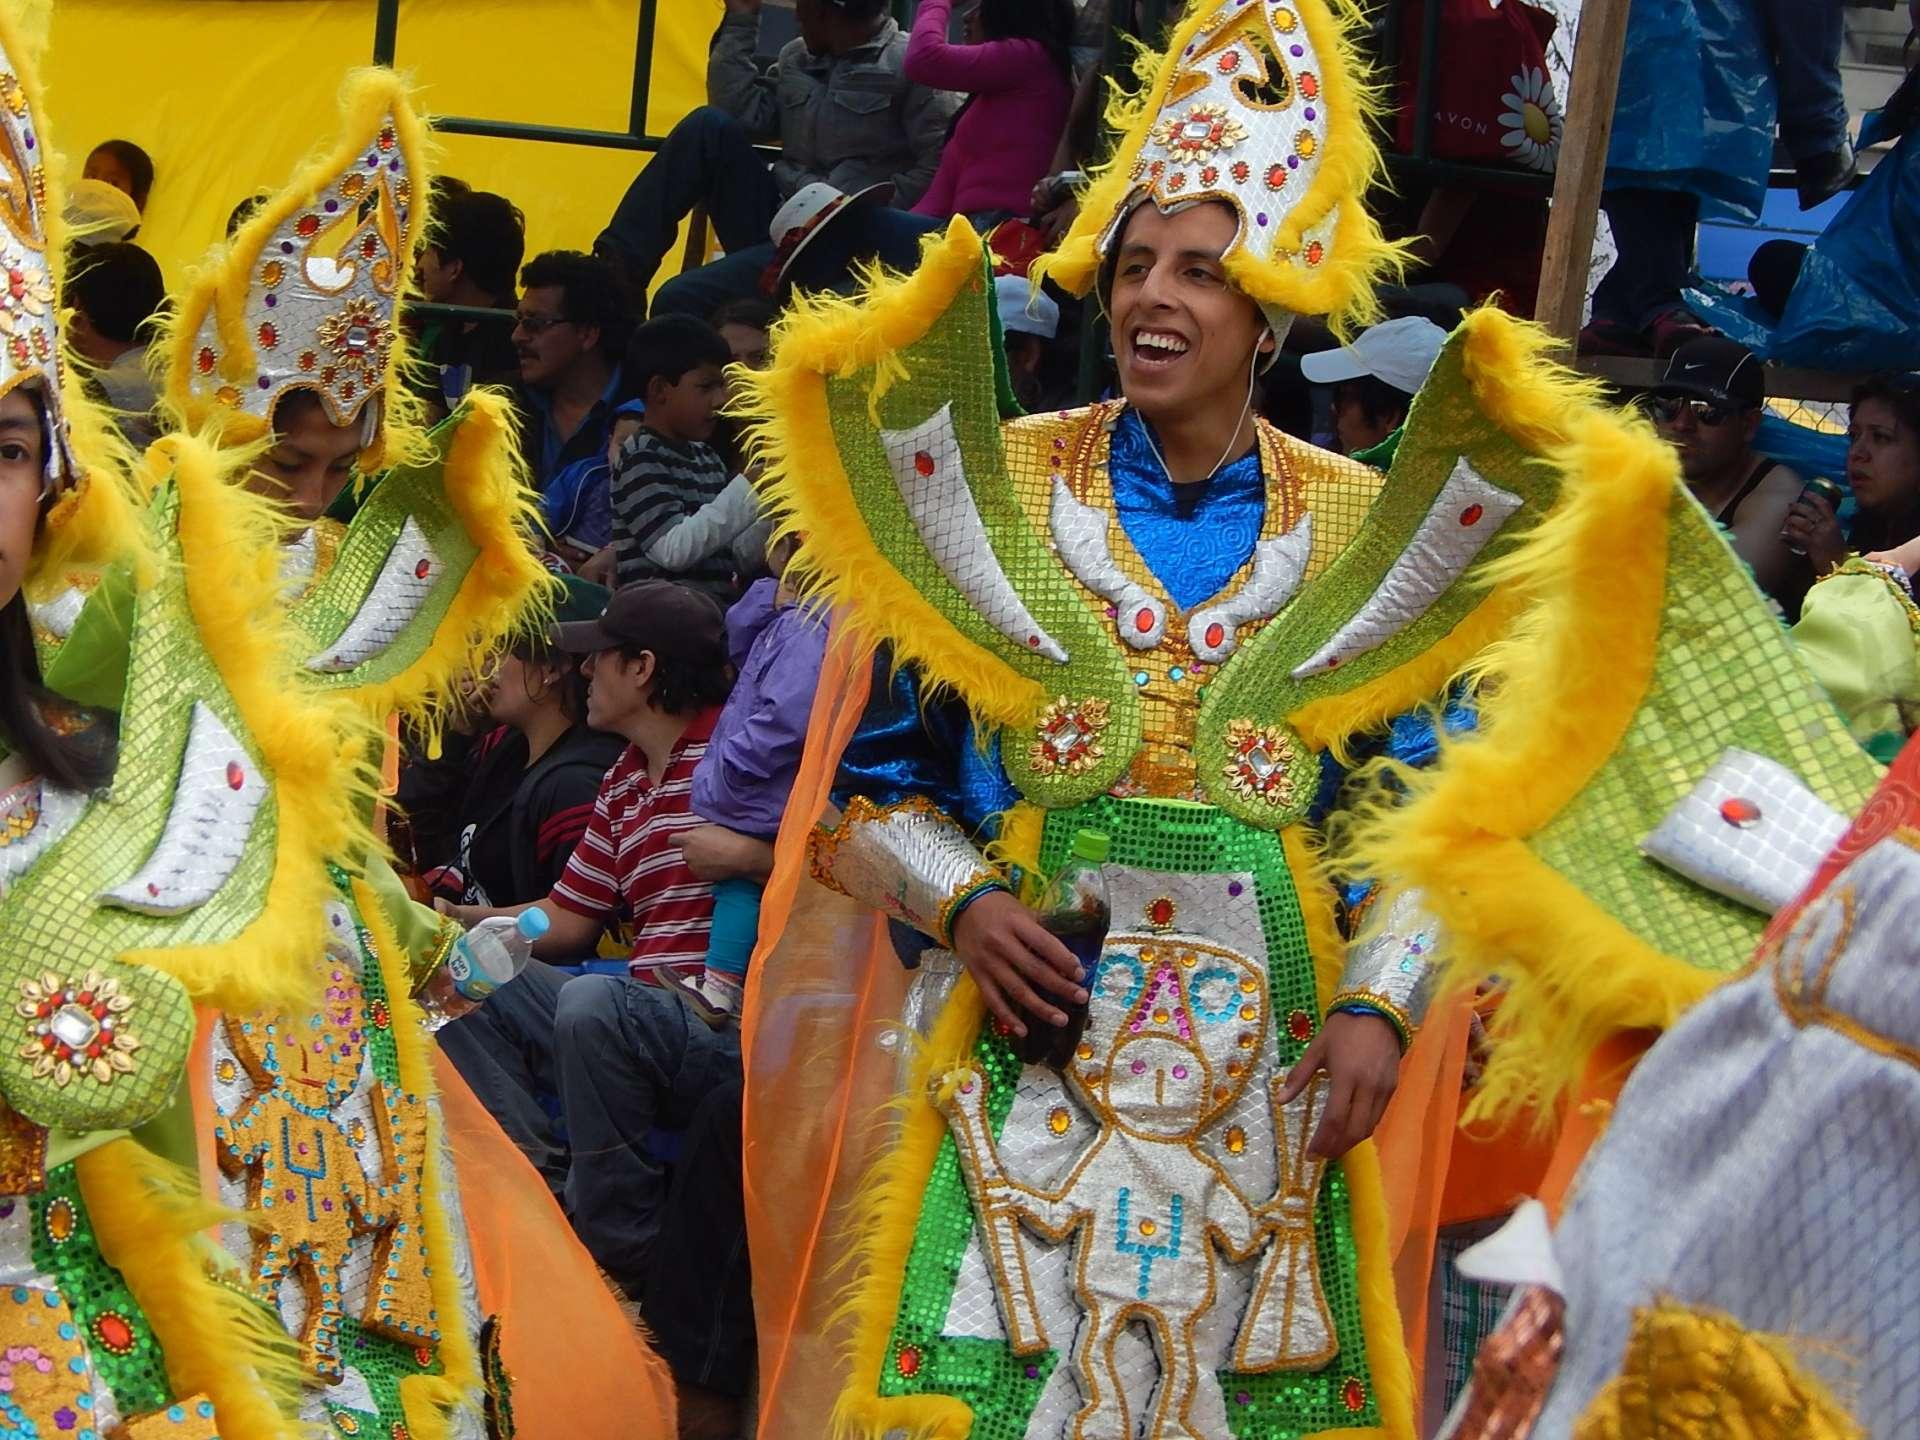 Carneval in Peru